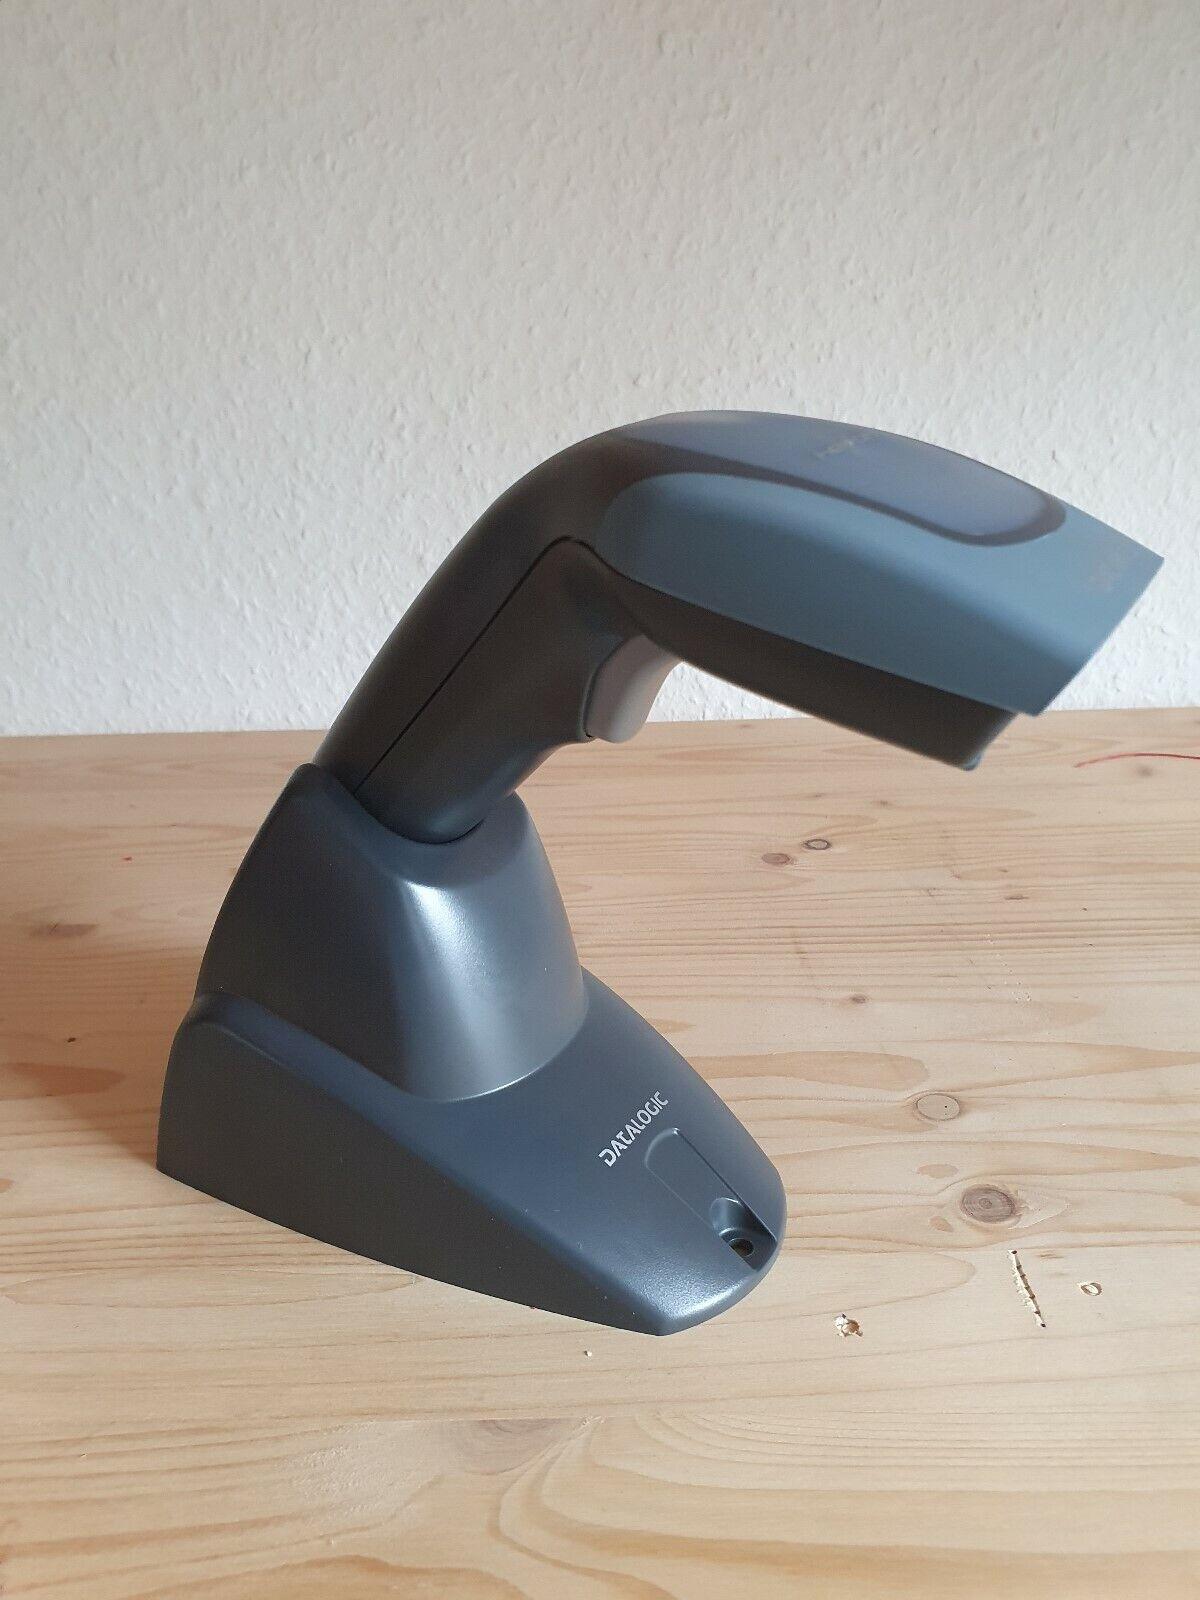 Datalogic Heron D130 Handscanner USB | 1D Barcodescanner mit USB-Kabel (neu OVP)